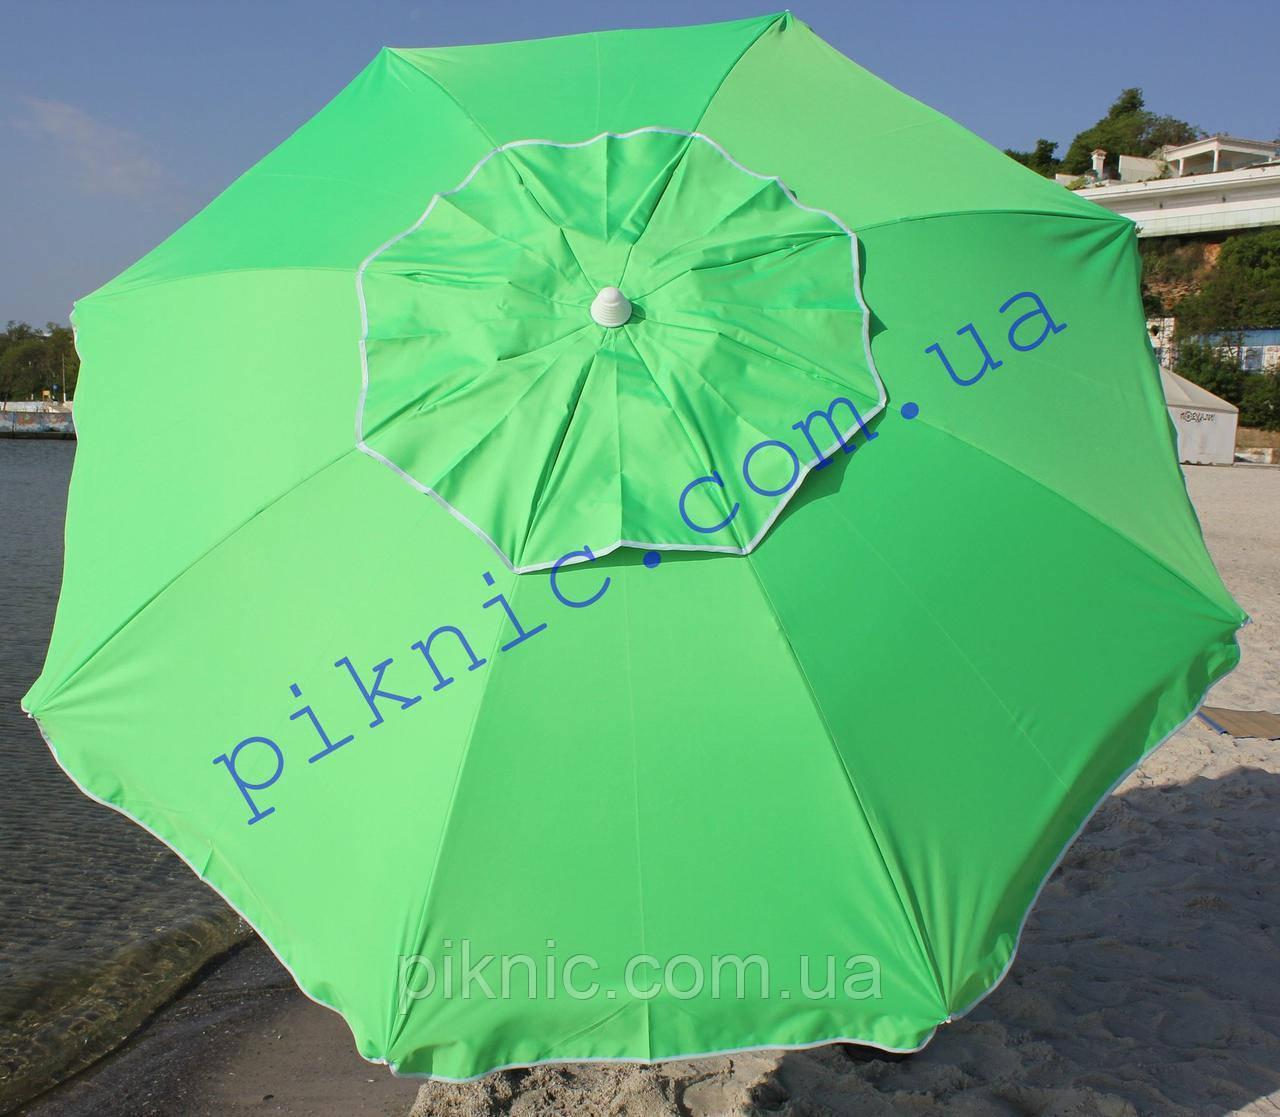 Пляжный зонт 2м клапан наклон Плотная ткань Тканевый чехол Зонтик для пляжа от солнца Салатовый 352